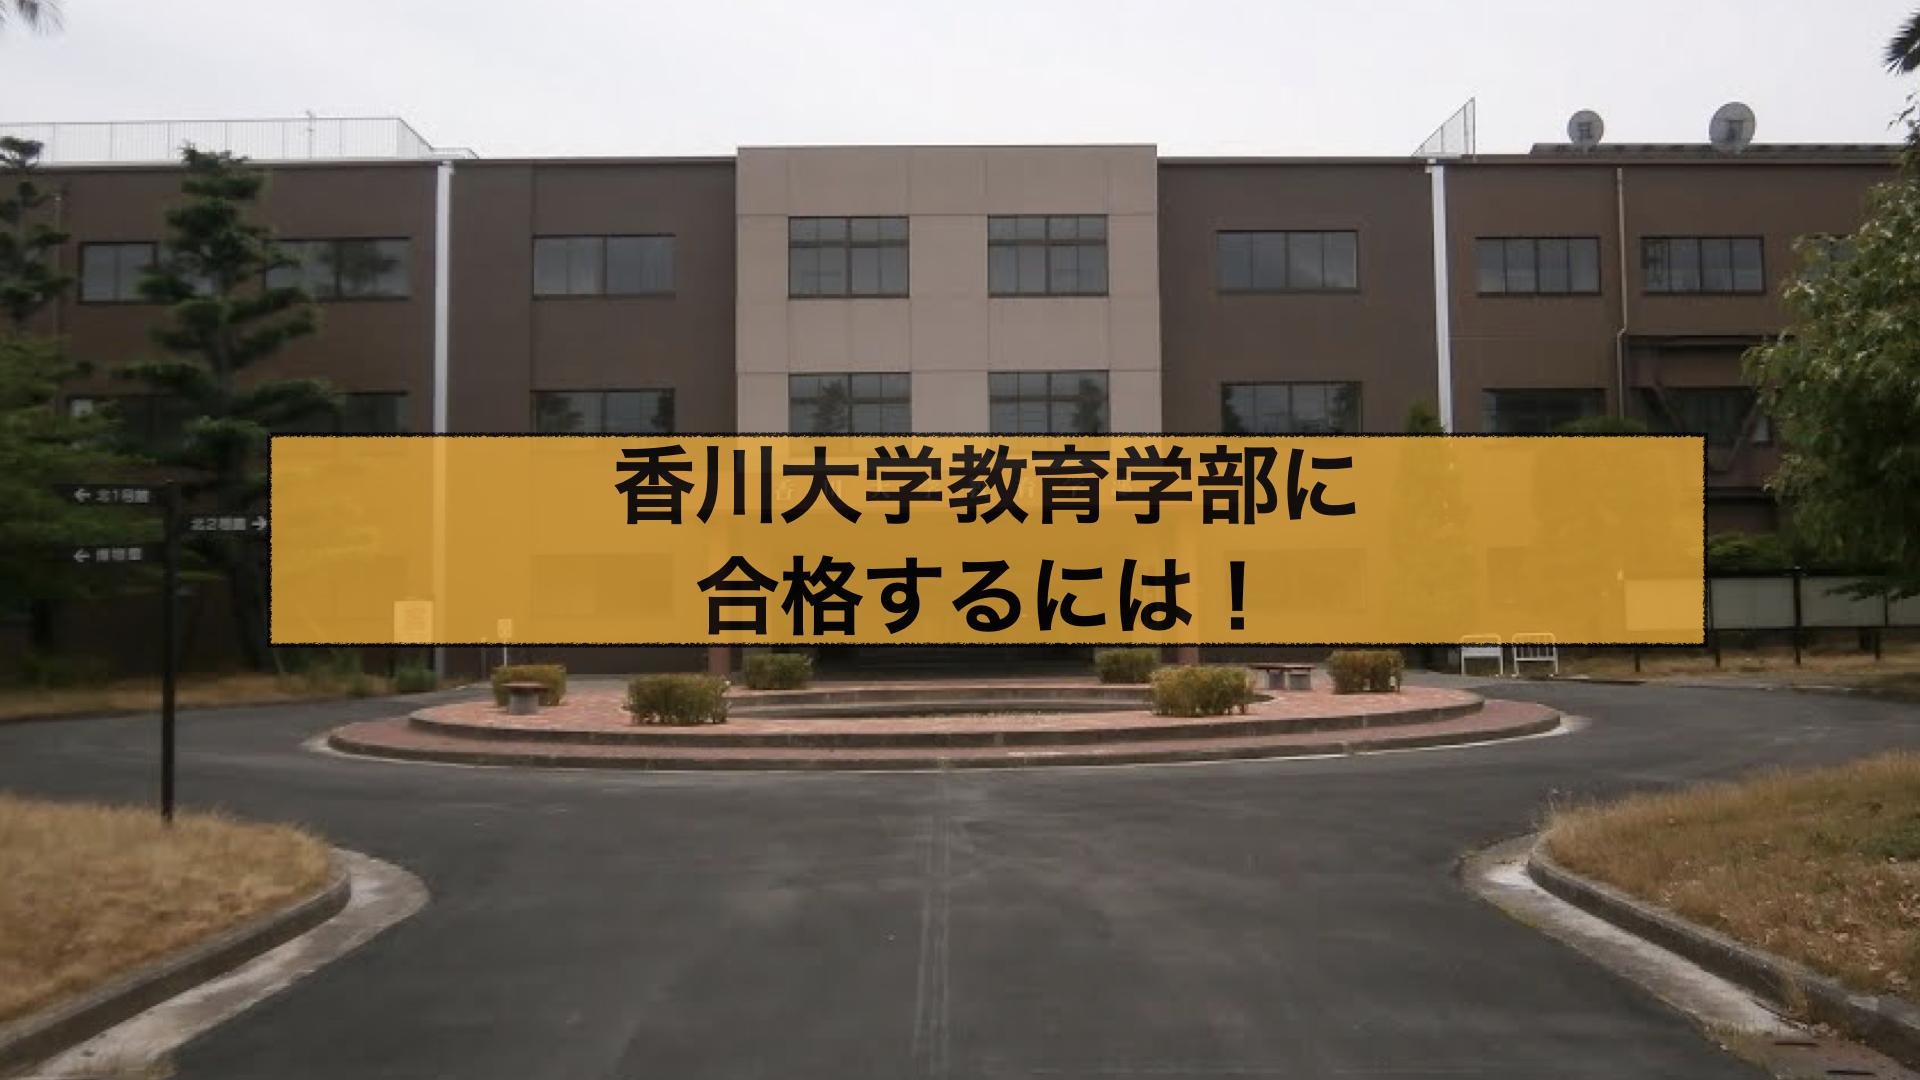 香川大学 教育学部 合格 対策